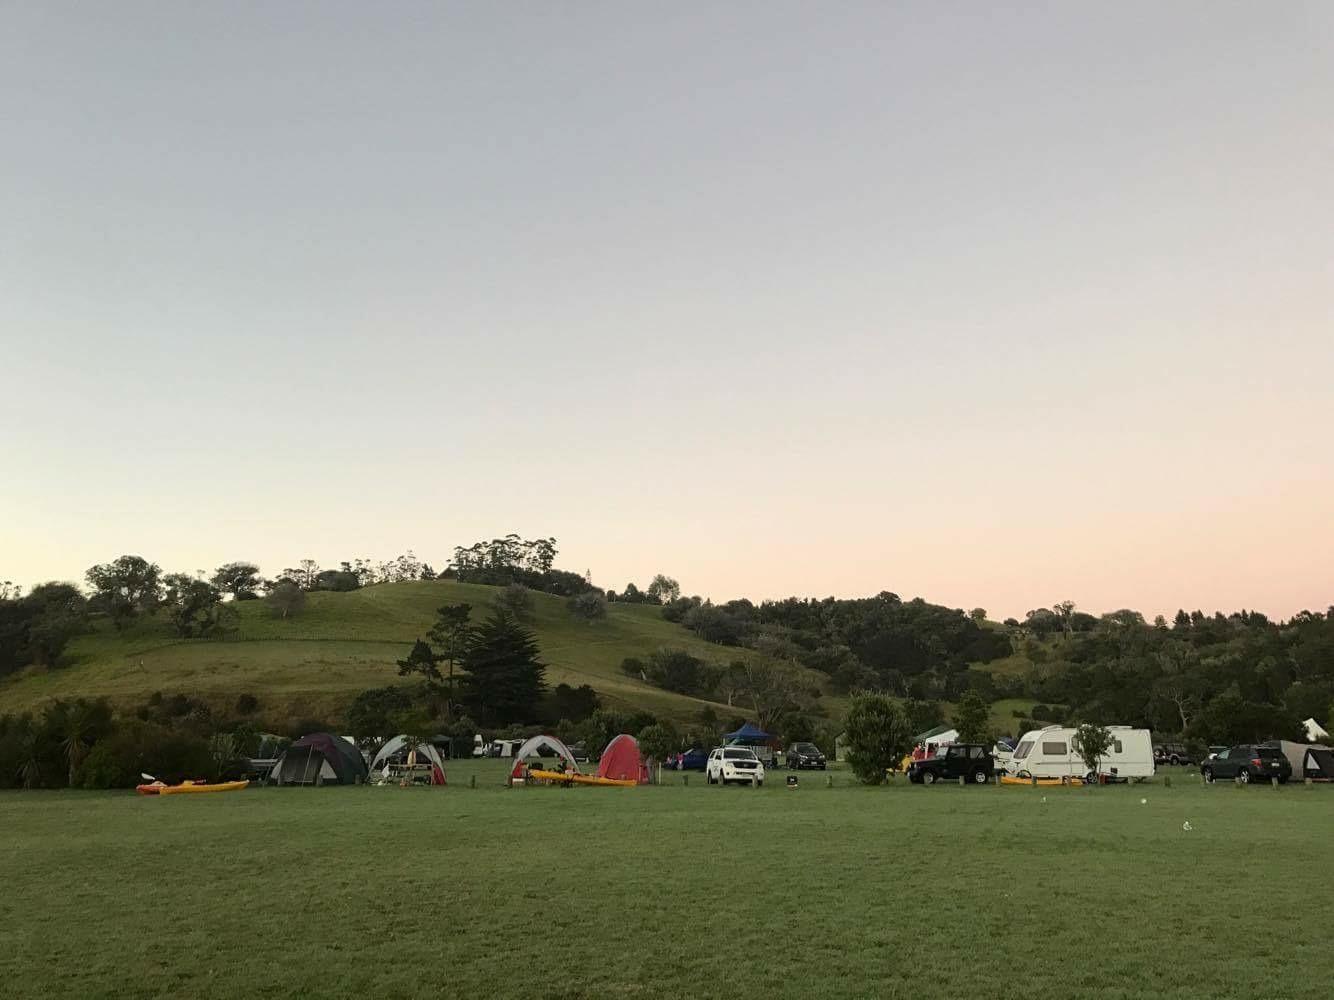 Schischka Campground